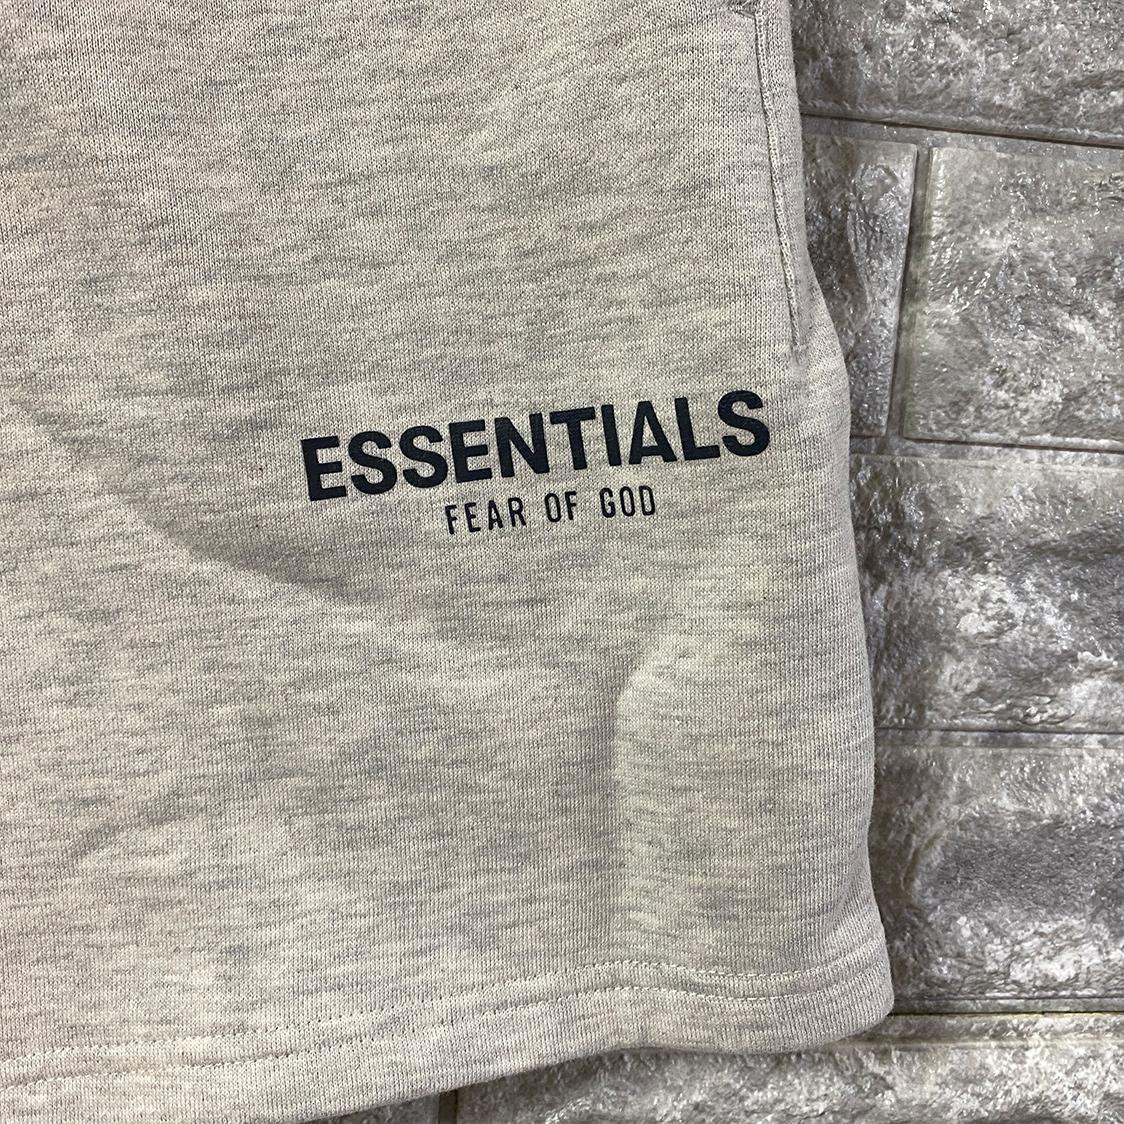 2021新作 新品 Fear Of God Essentials フェアオブゴッド エッセンシャルズ【Mサイズ】 ロゴ スウェット ショーツ ハーフパンツ オートミール OATMEAL FOG